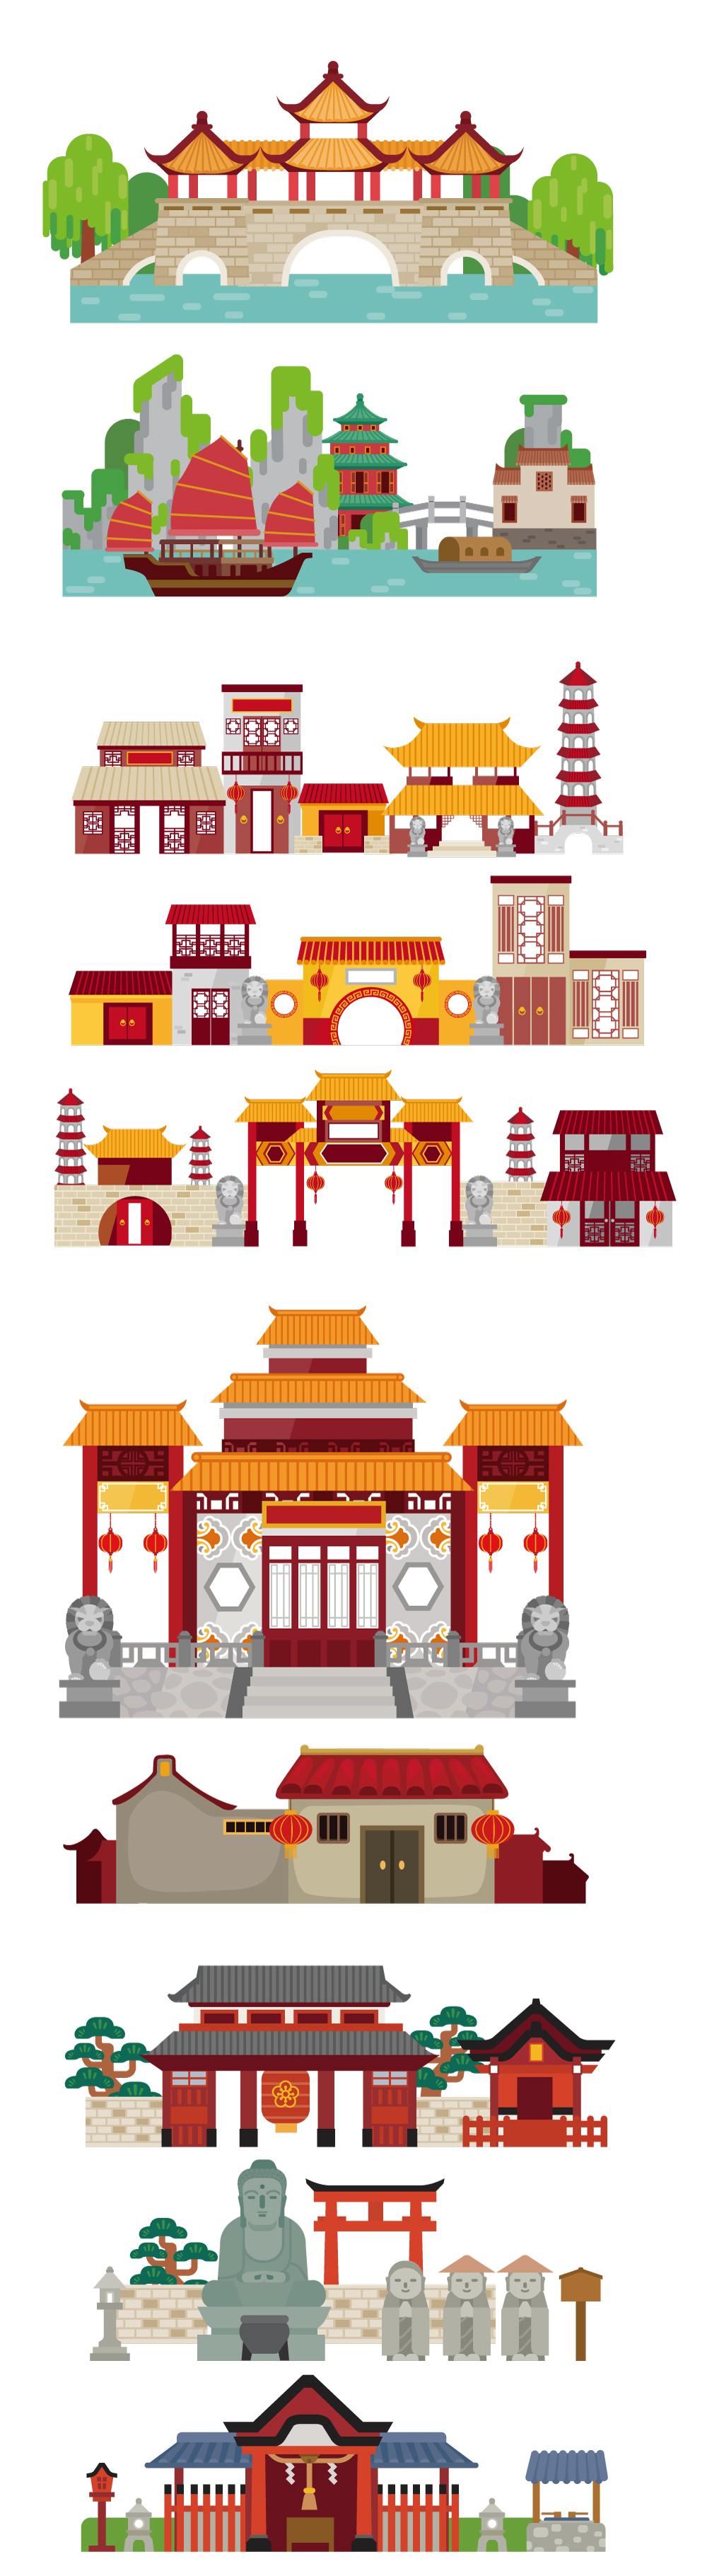 中国风建筑剪影商店手绘卡通店铺日式素材